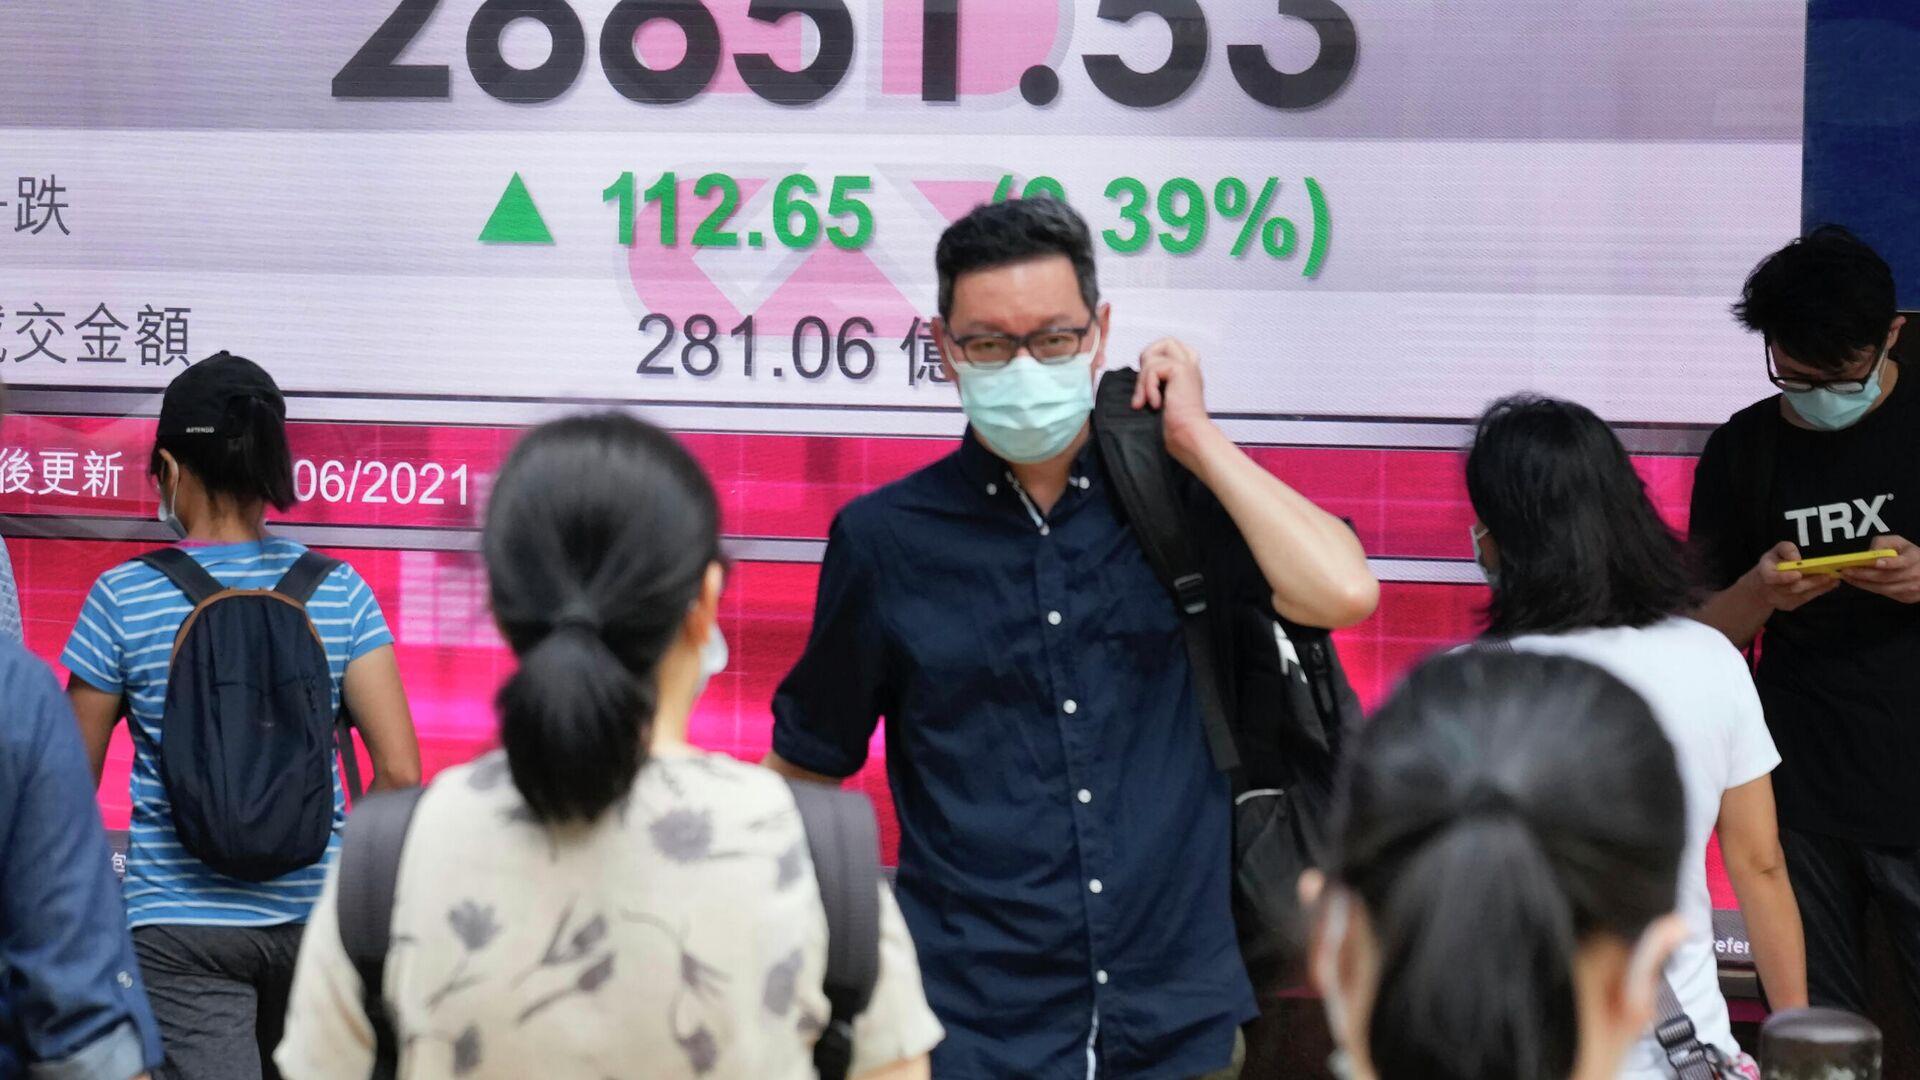 Люди в защитных масках проходят мимо табло с котировками ценных бумаг в Гонконге - РИА Новости, 1920, 19.07.2021